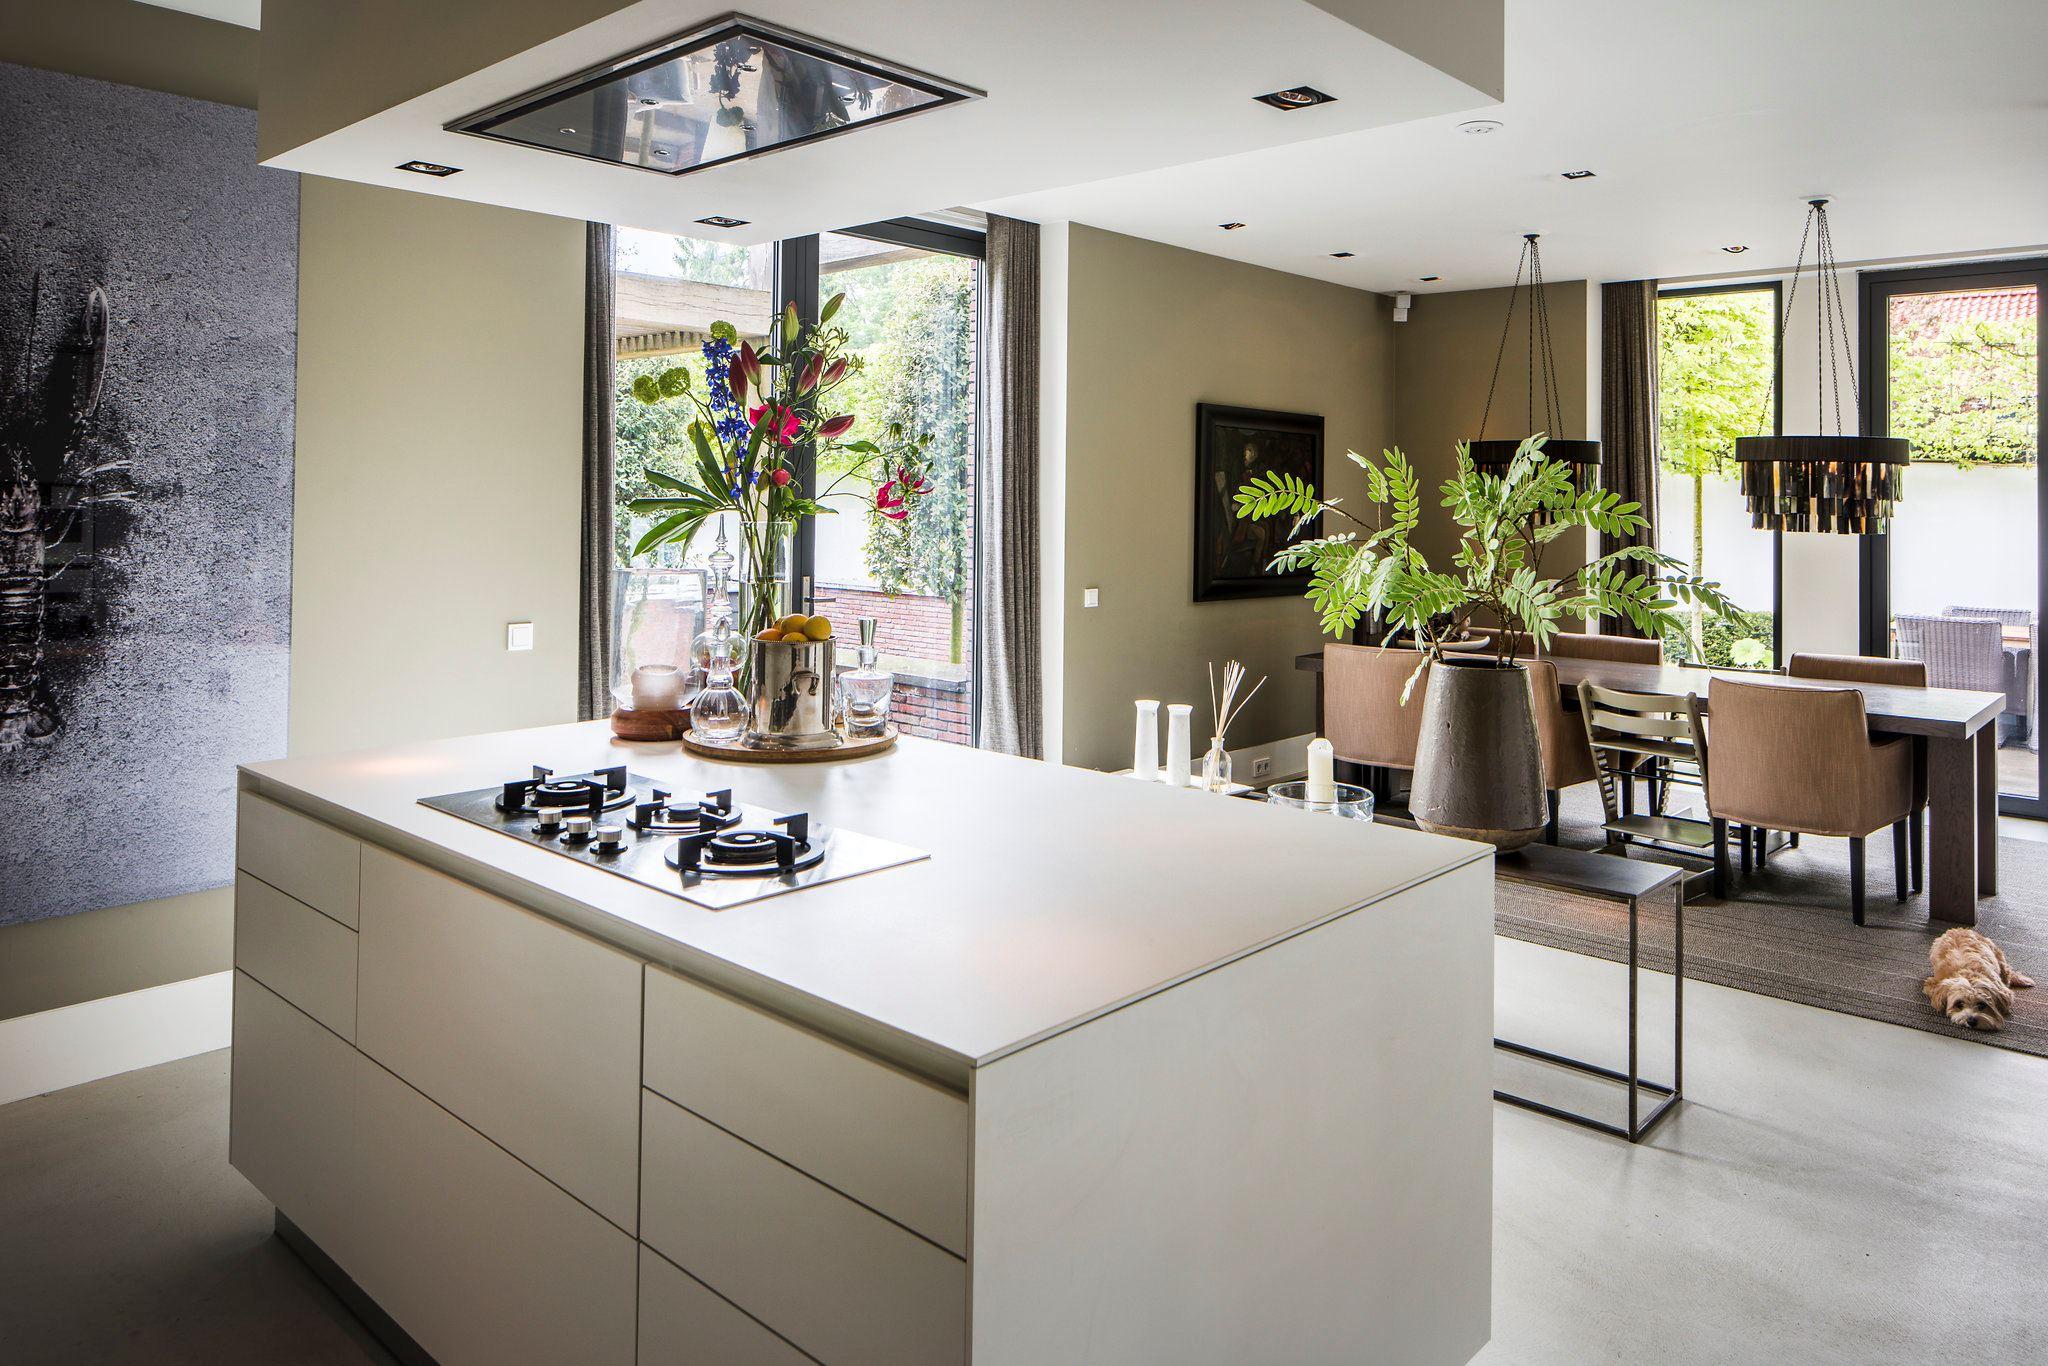 кухонный остров с плитой и вытяжкой